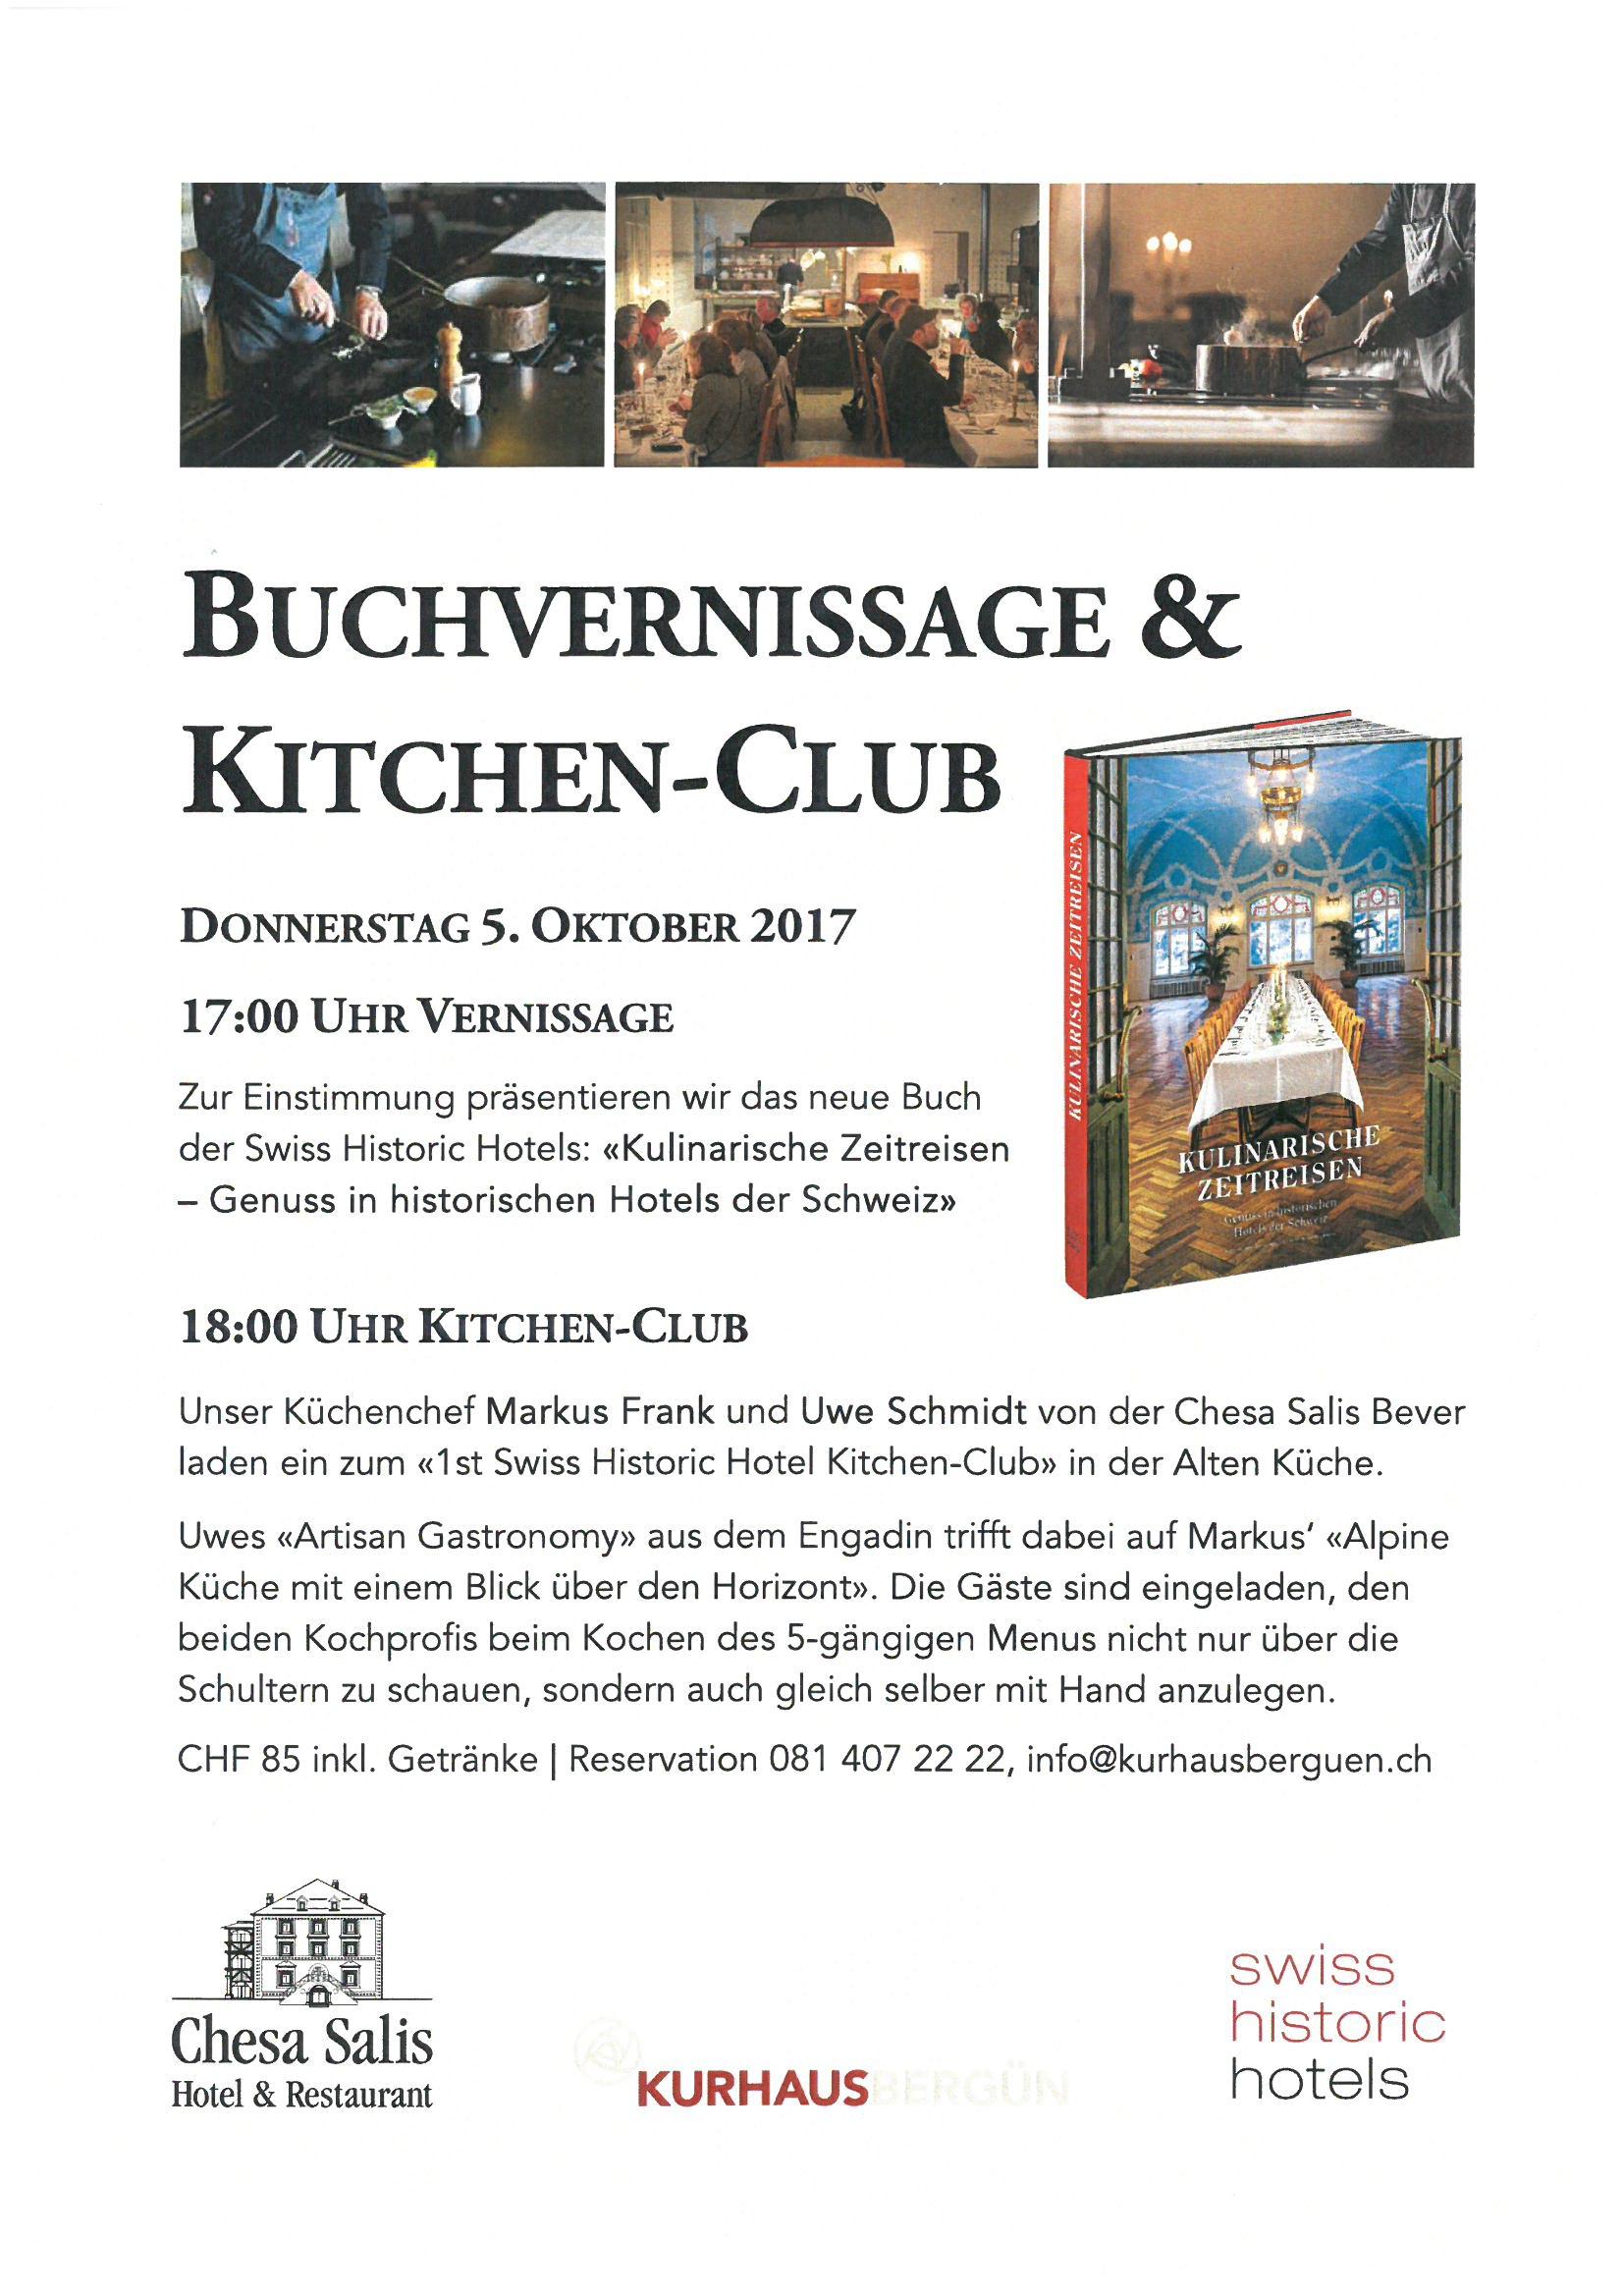 Buchvernissage und Kitchen-Club